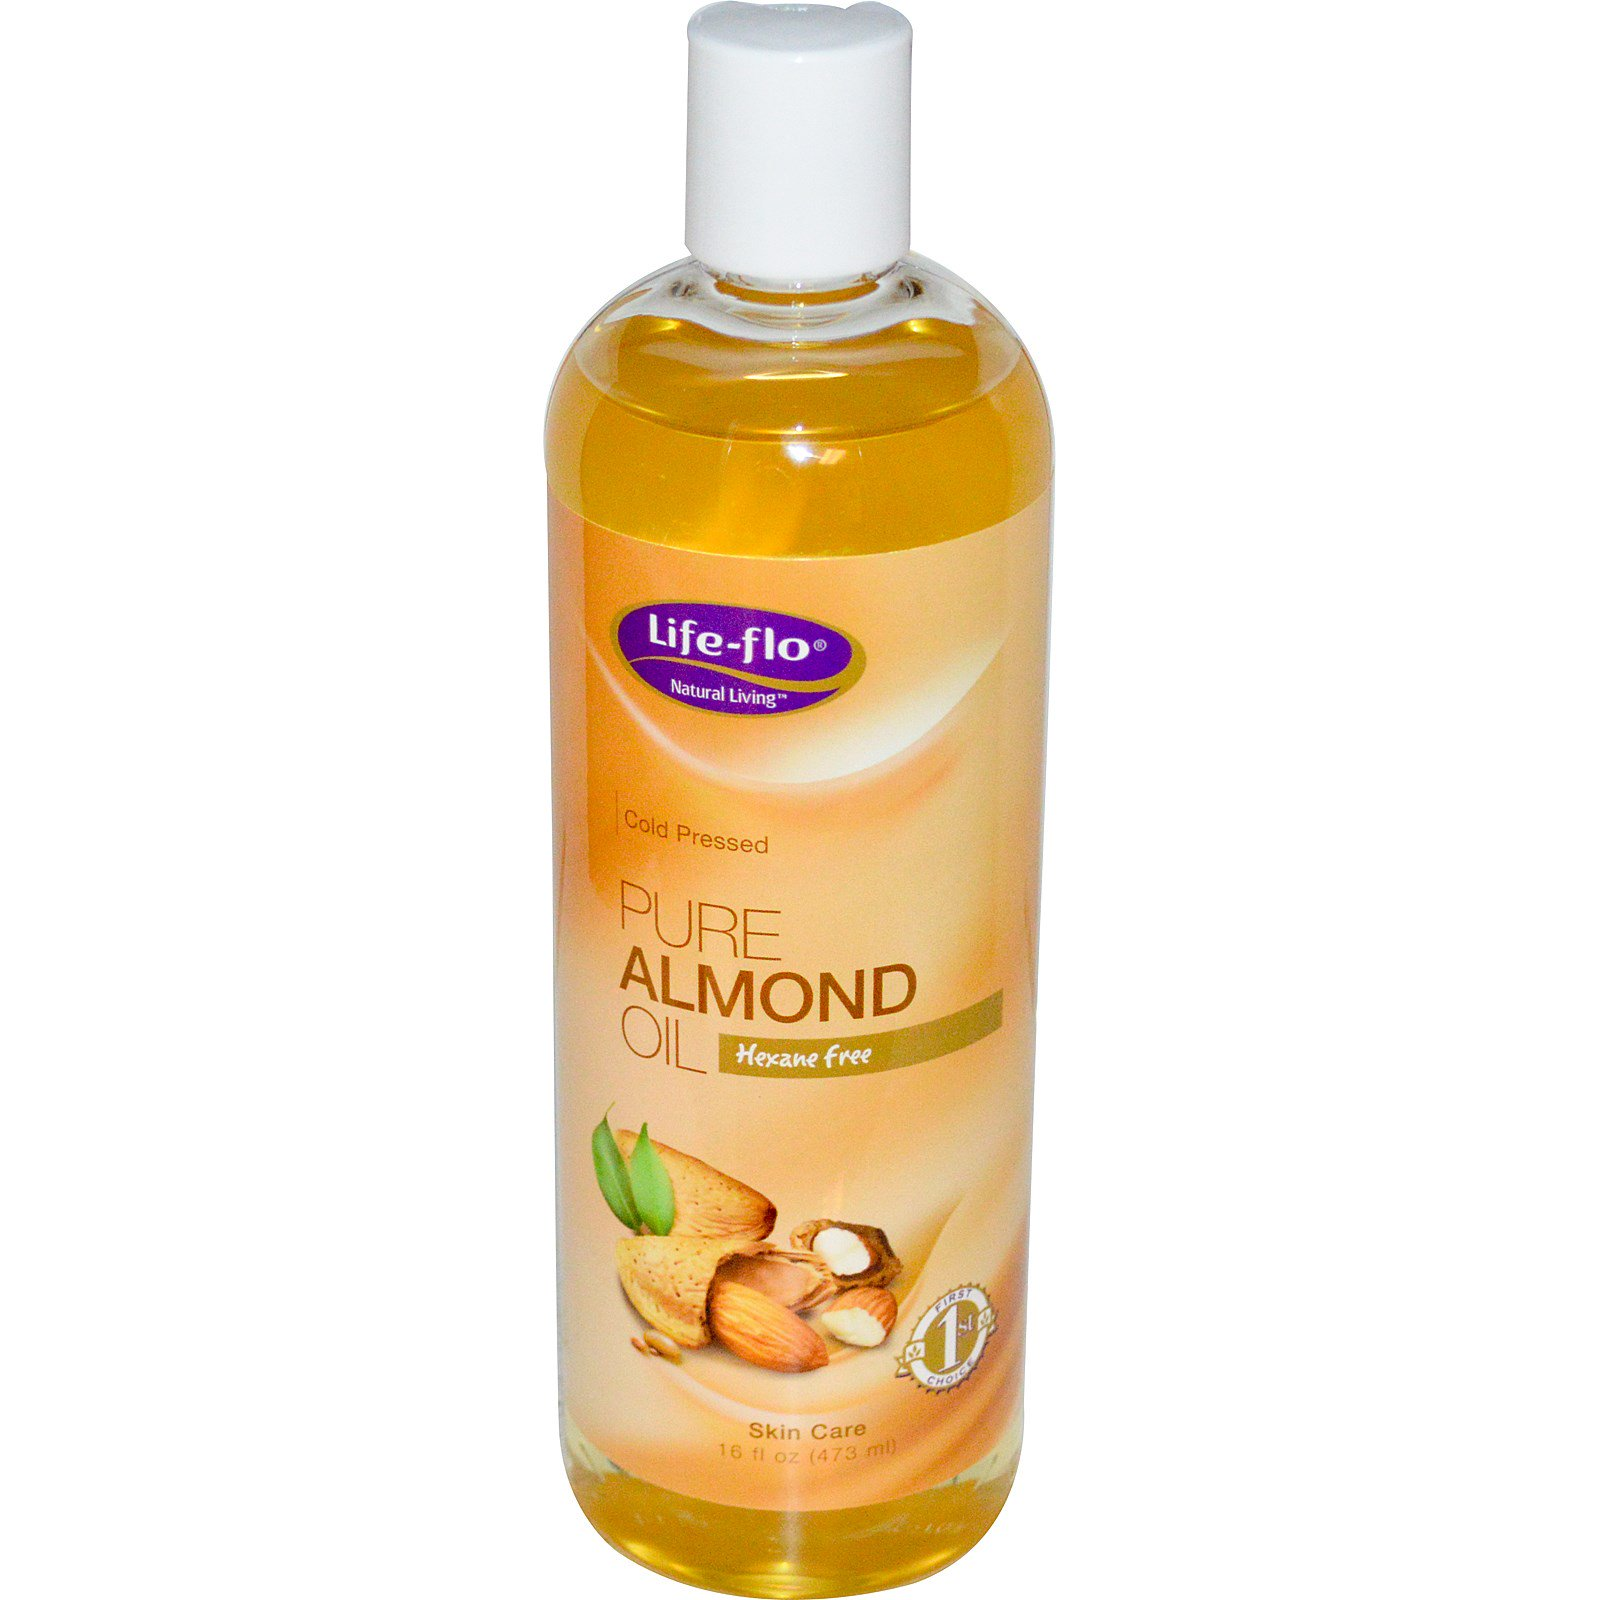 Life Flo Health, Чистое миндальное масло для ухода за кожей, 473 мл